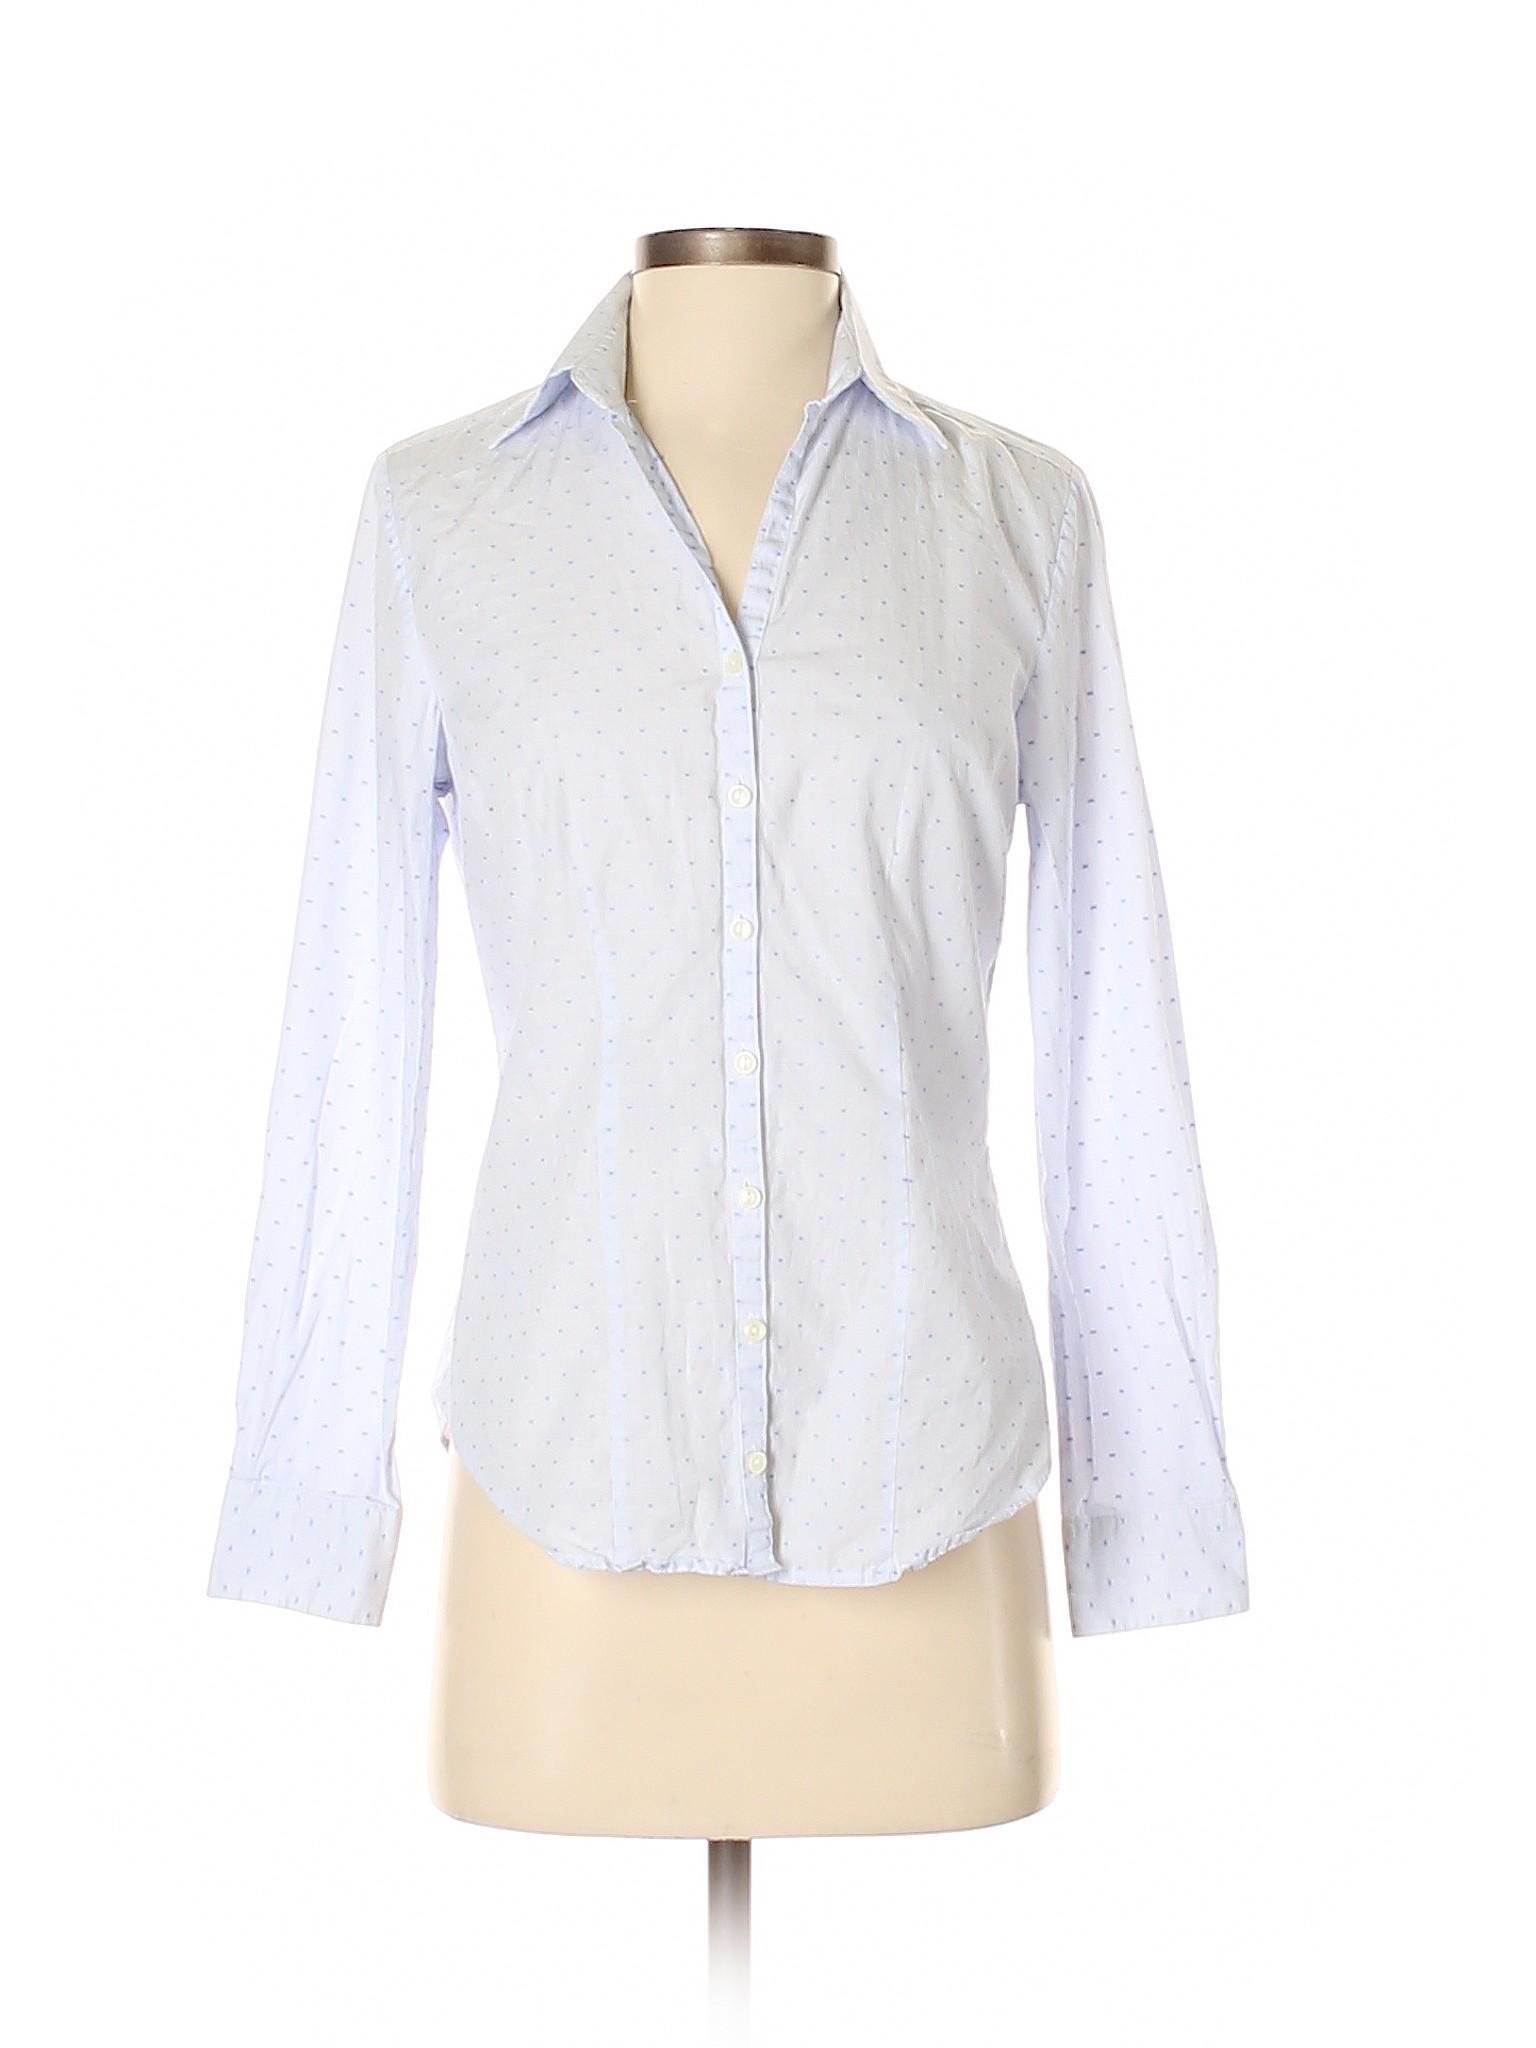 Details About Charles Tyrwhitt Women Blue Long Sleeve Button Down Shirt 4